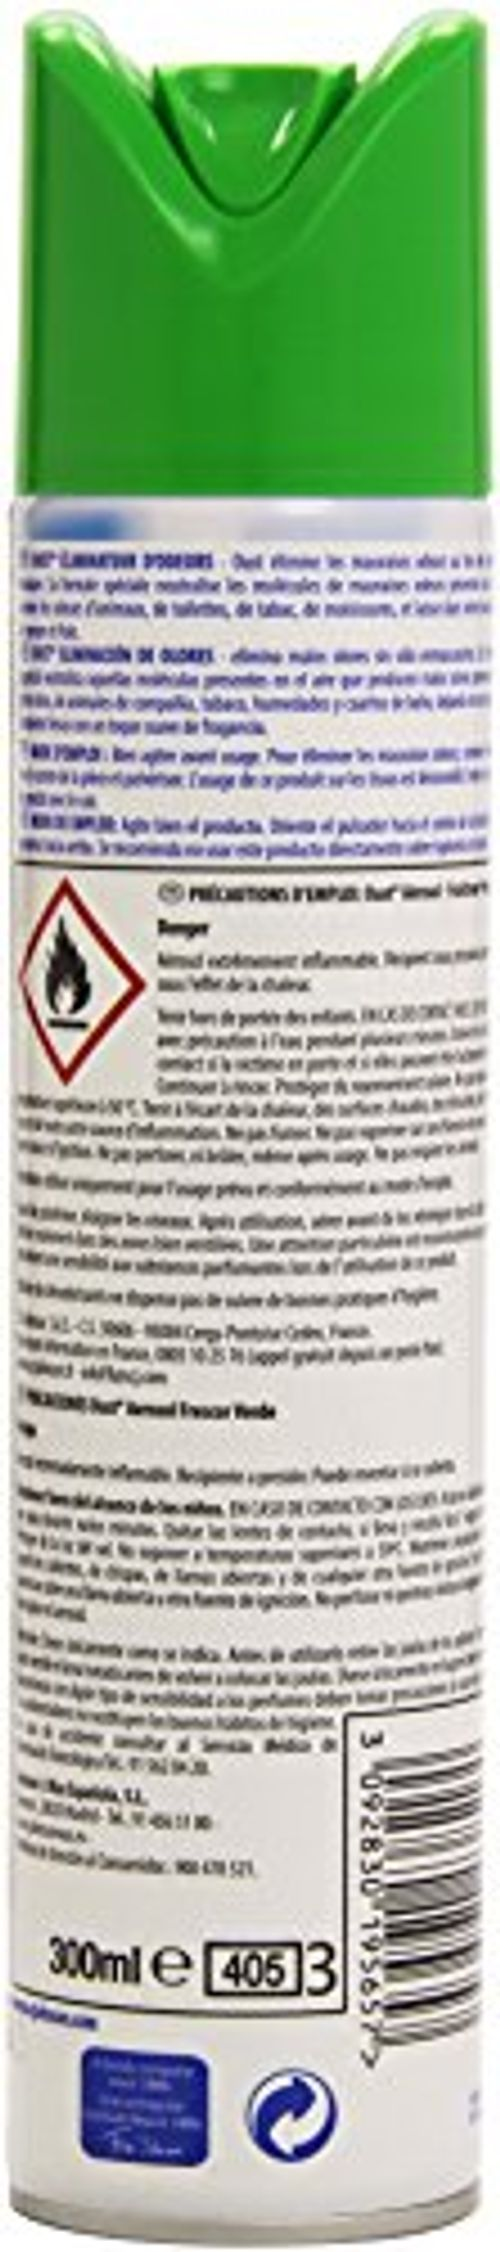 photo Wallpaper of Oust-Oust Lufterfrischer Geruchsbeseitigung, Frische, 300ml-Bunt